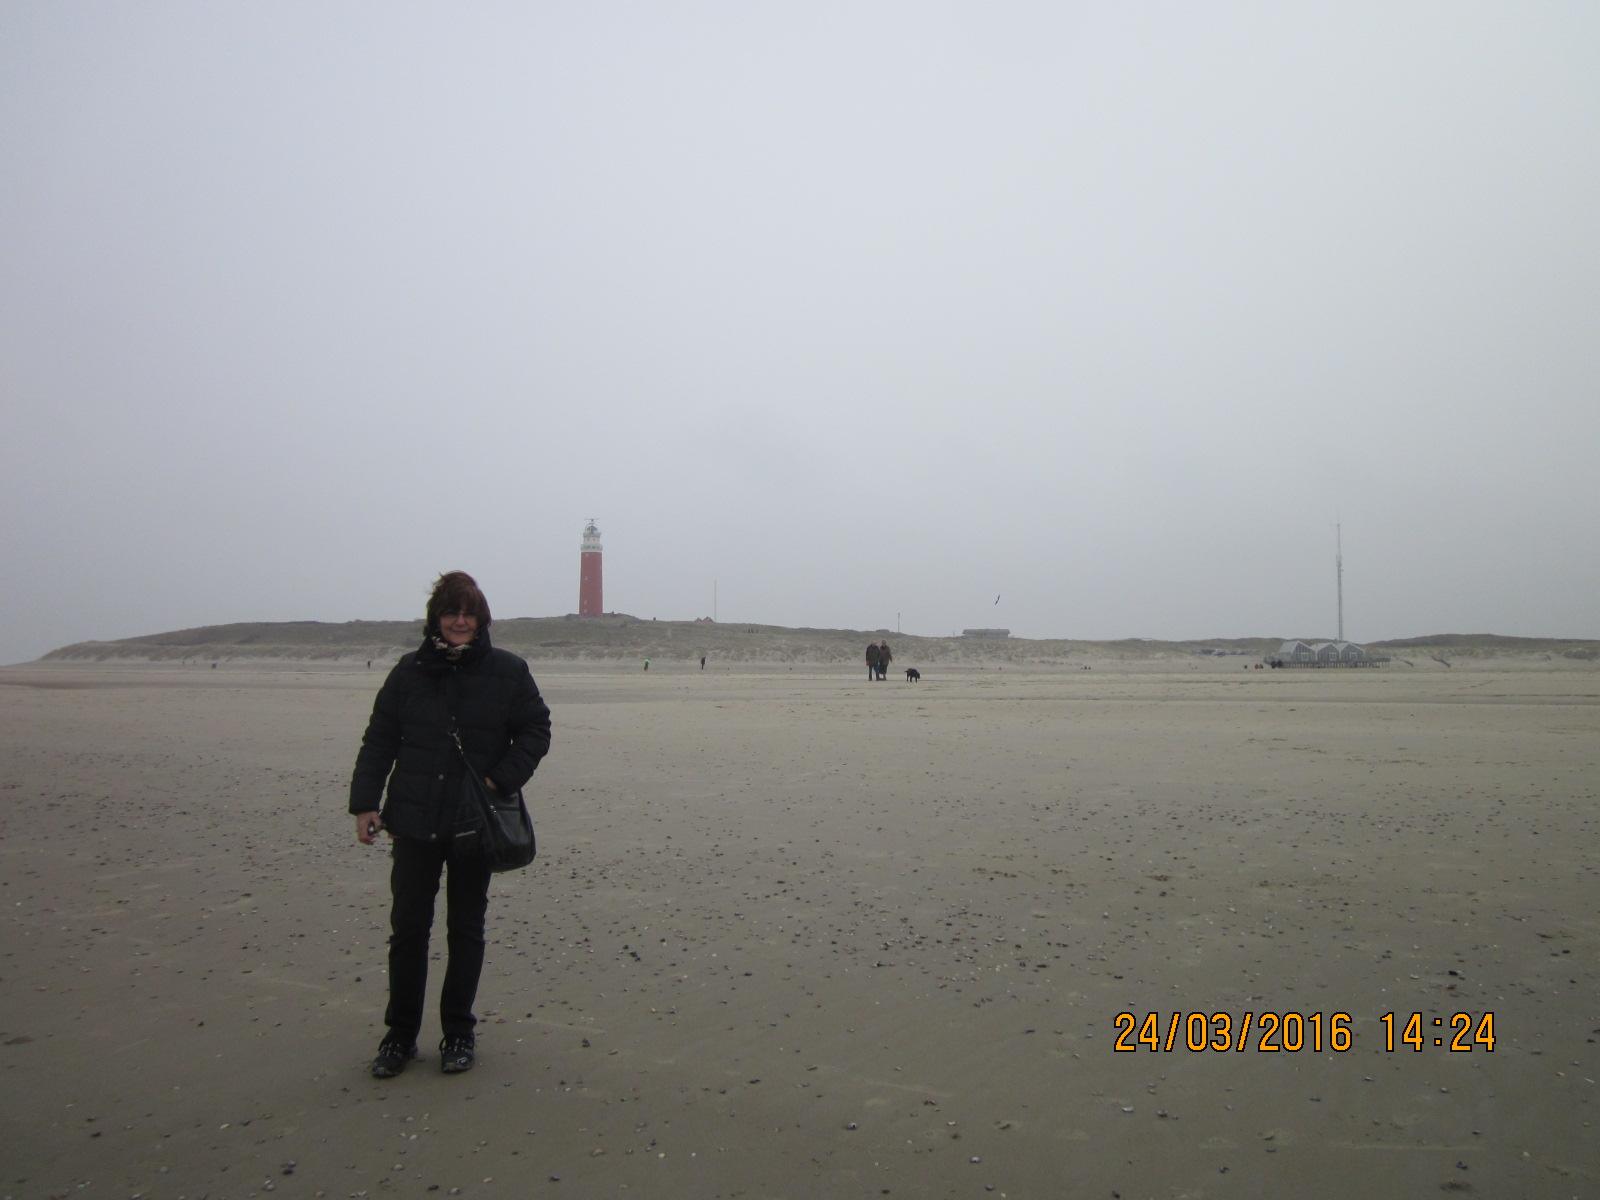 es war kalt und windig